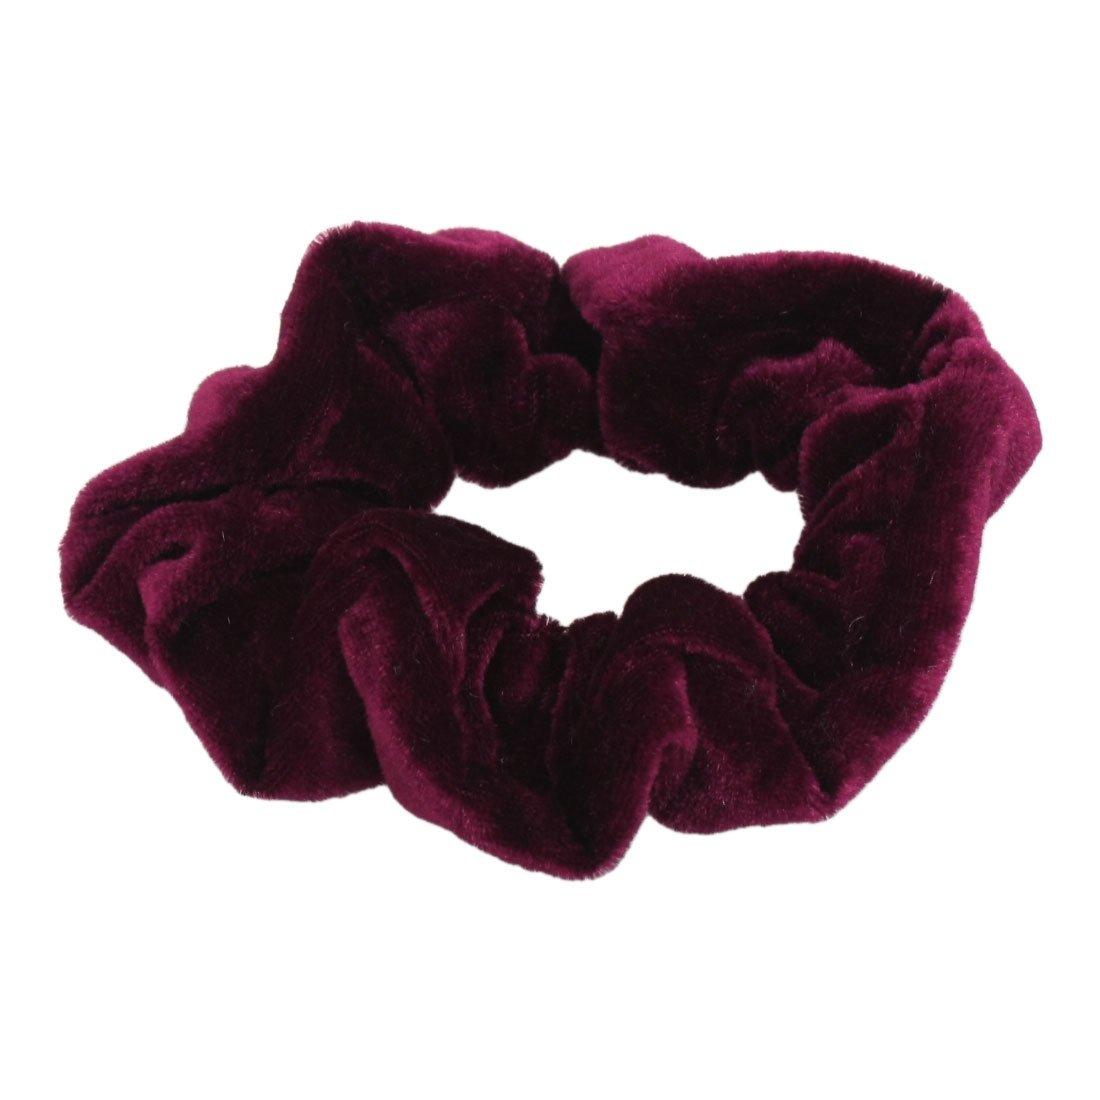 Hot Burgundy Velvet Elastic Hair Tie Band Ponytail Holder for Women